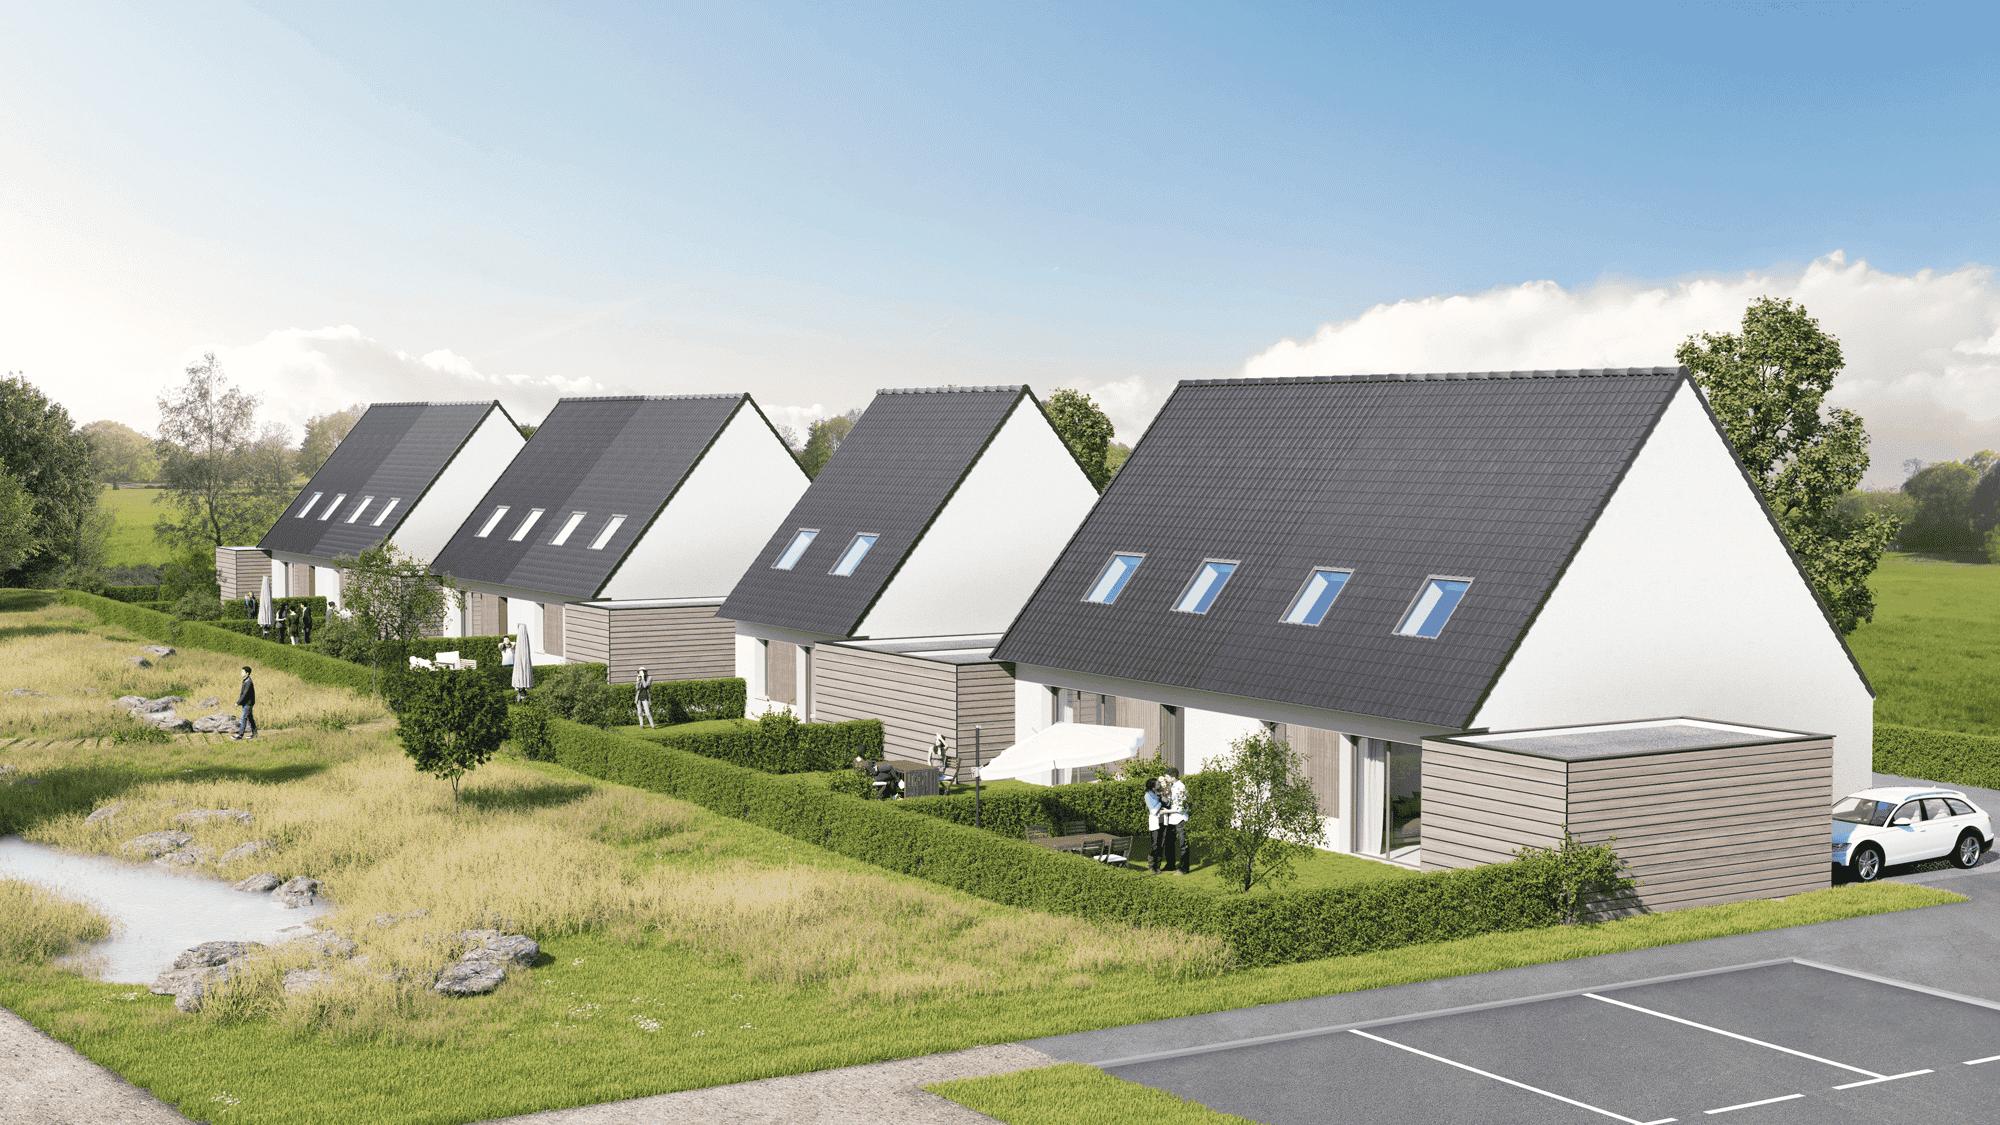 Découvrez notre nouveau programme immobilier neuf à Méricourt de 9 maisons neuves à vendre. La résidence Les Contemporaines comprend des maisons neuves individuelles du T4 au T5 à Méricourt